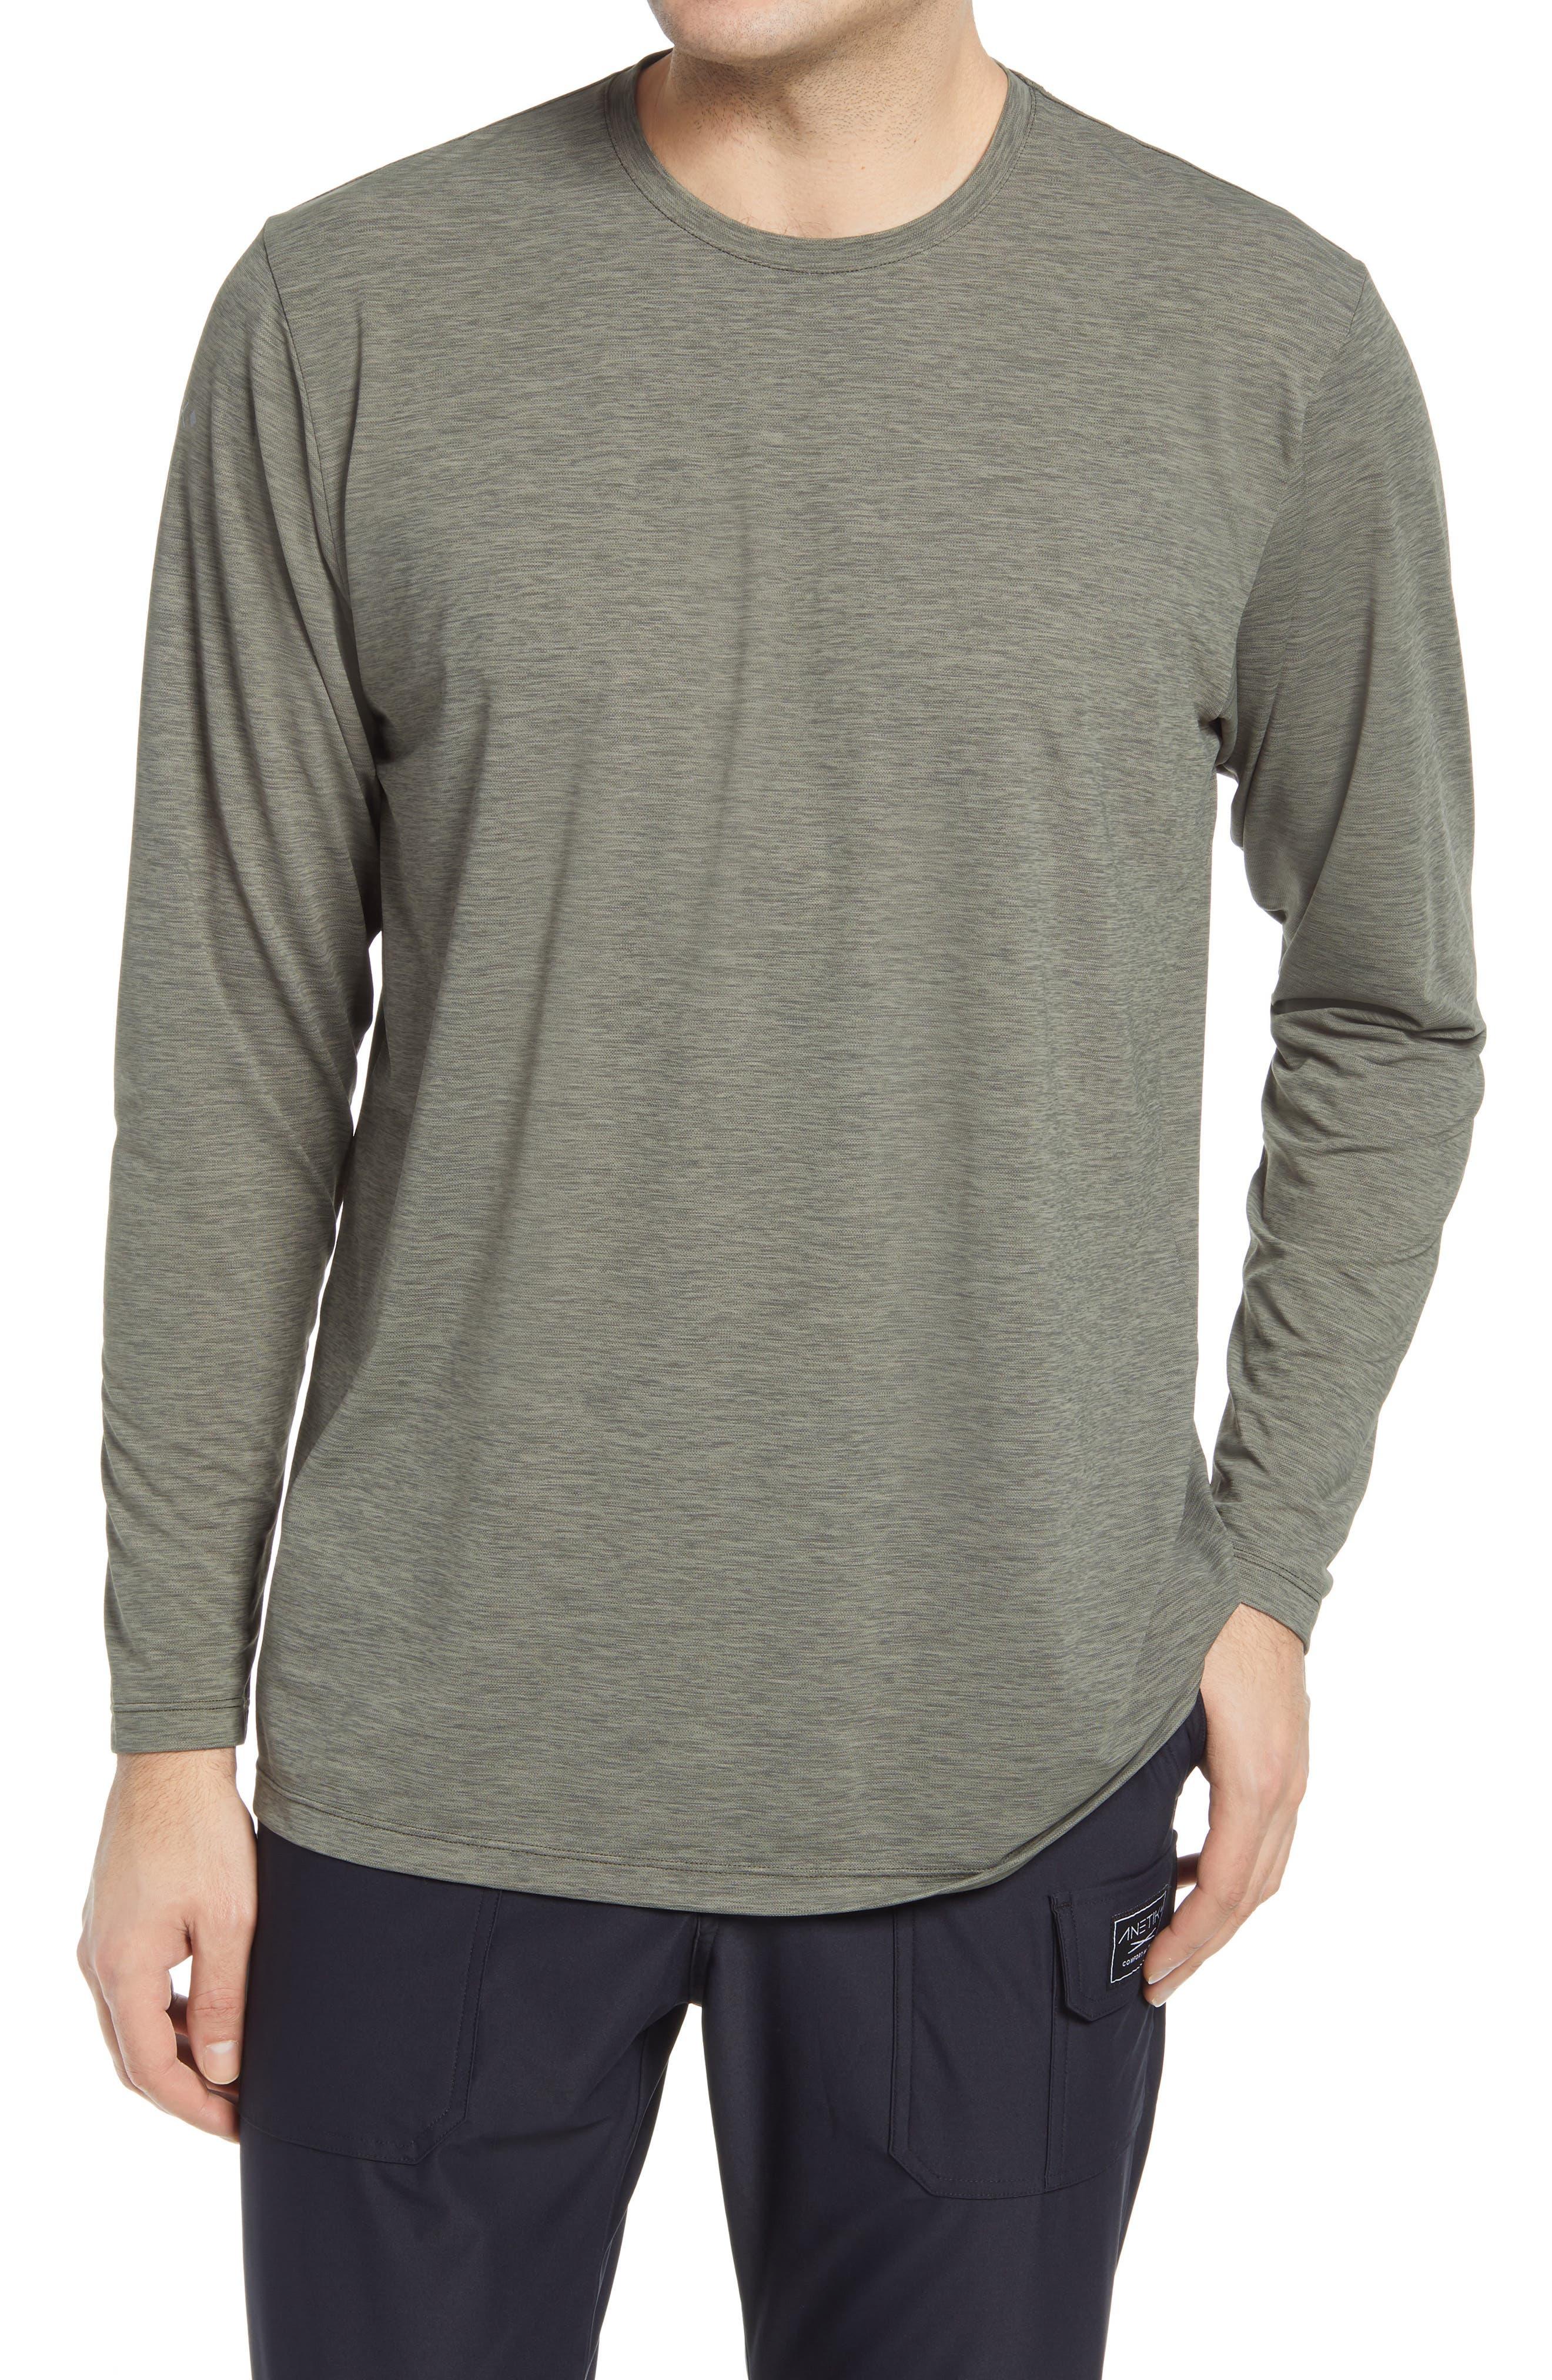 Low Pro Tech Long Sleeve T-Shirt